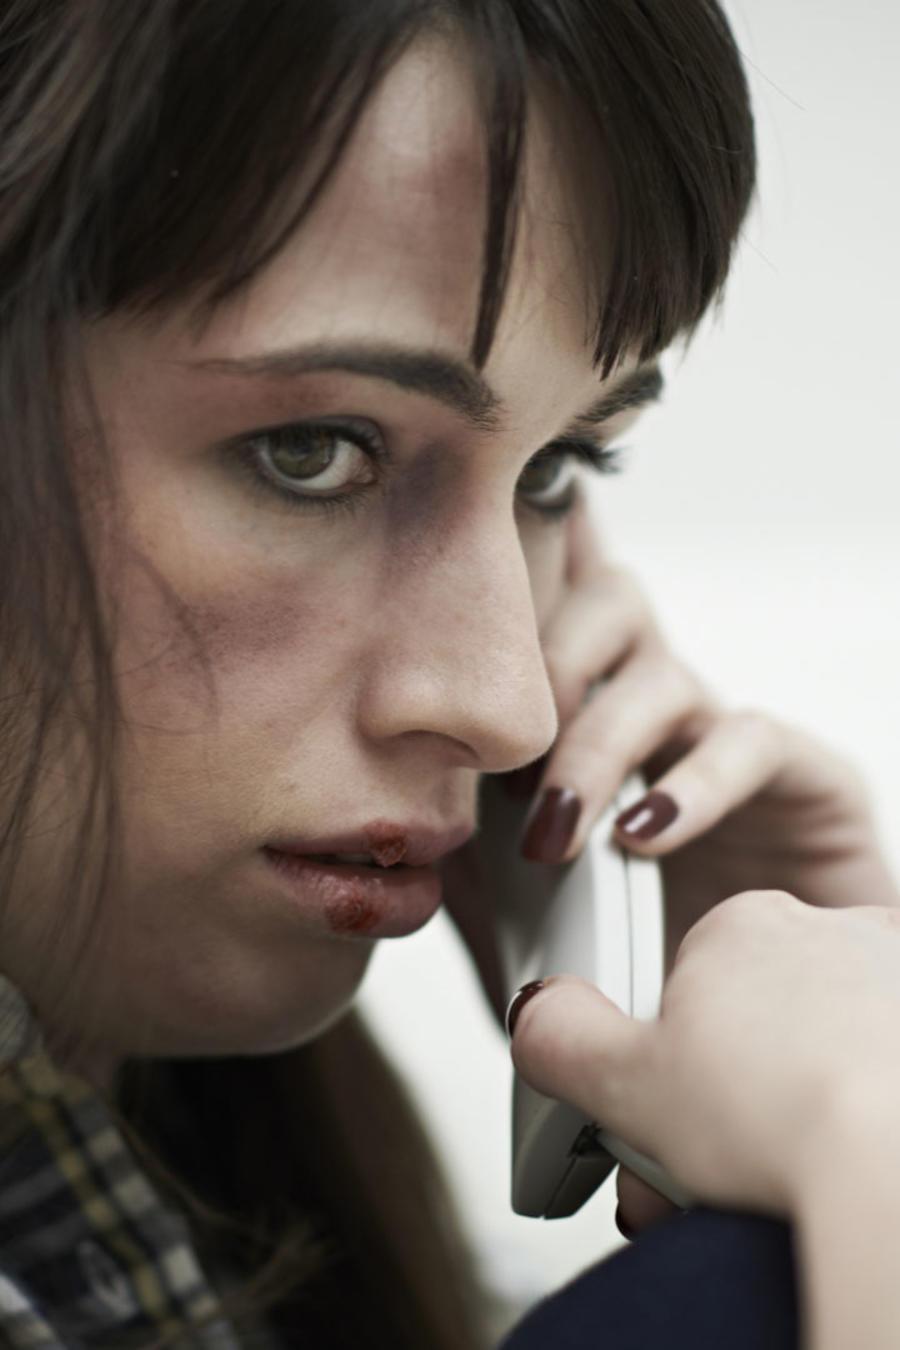 Víctima de maltrato pidiendo ayuda por teléfono